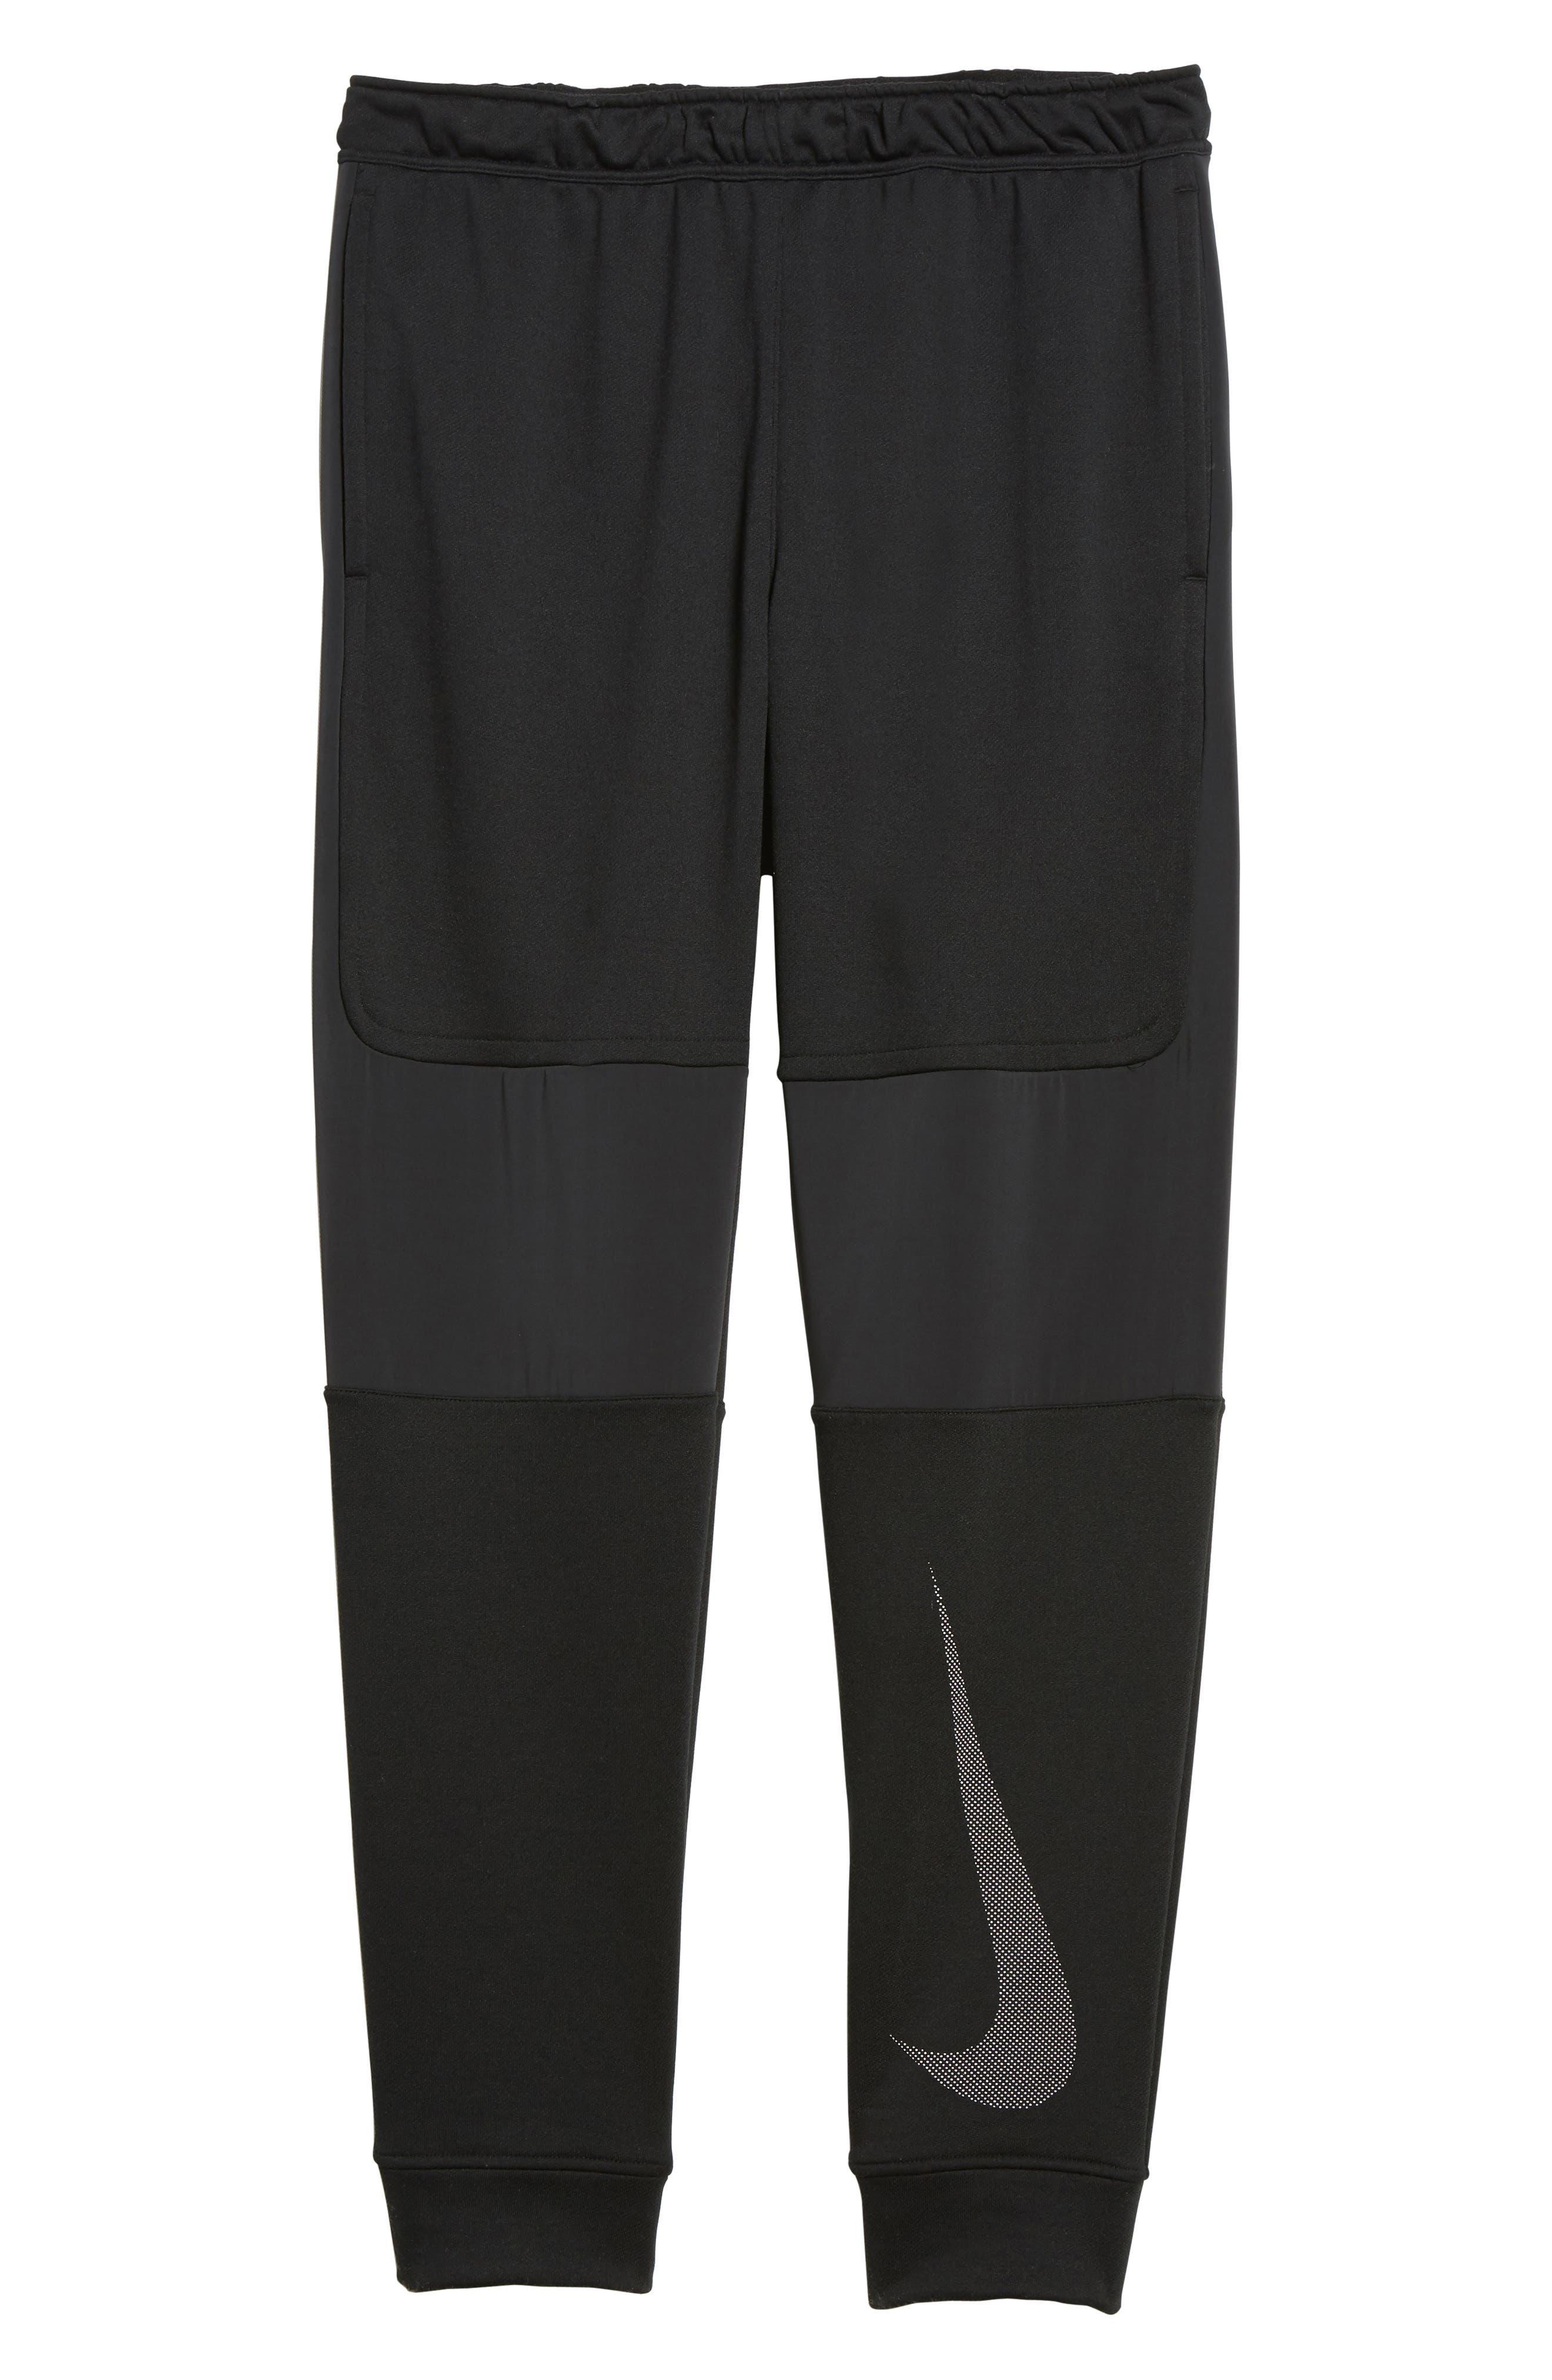 Training Project X Jogger Pants,                             Alternate thumbnail 6, color,                             Black/ Black/ White